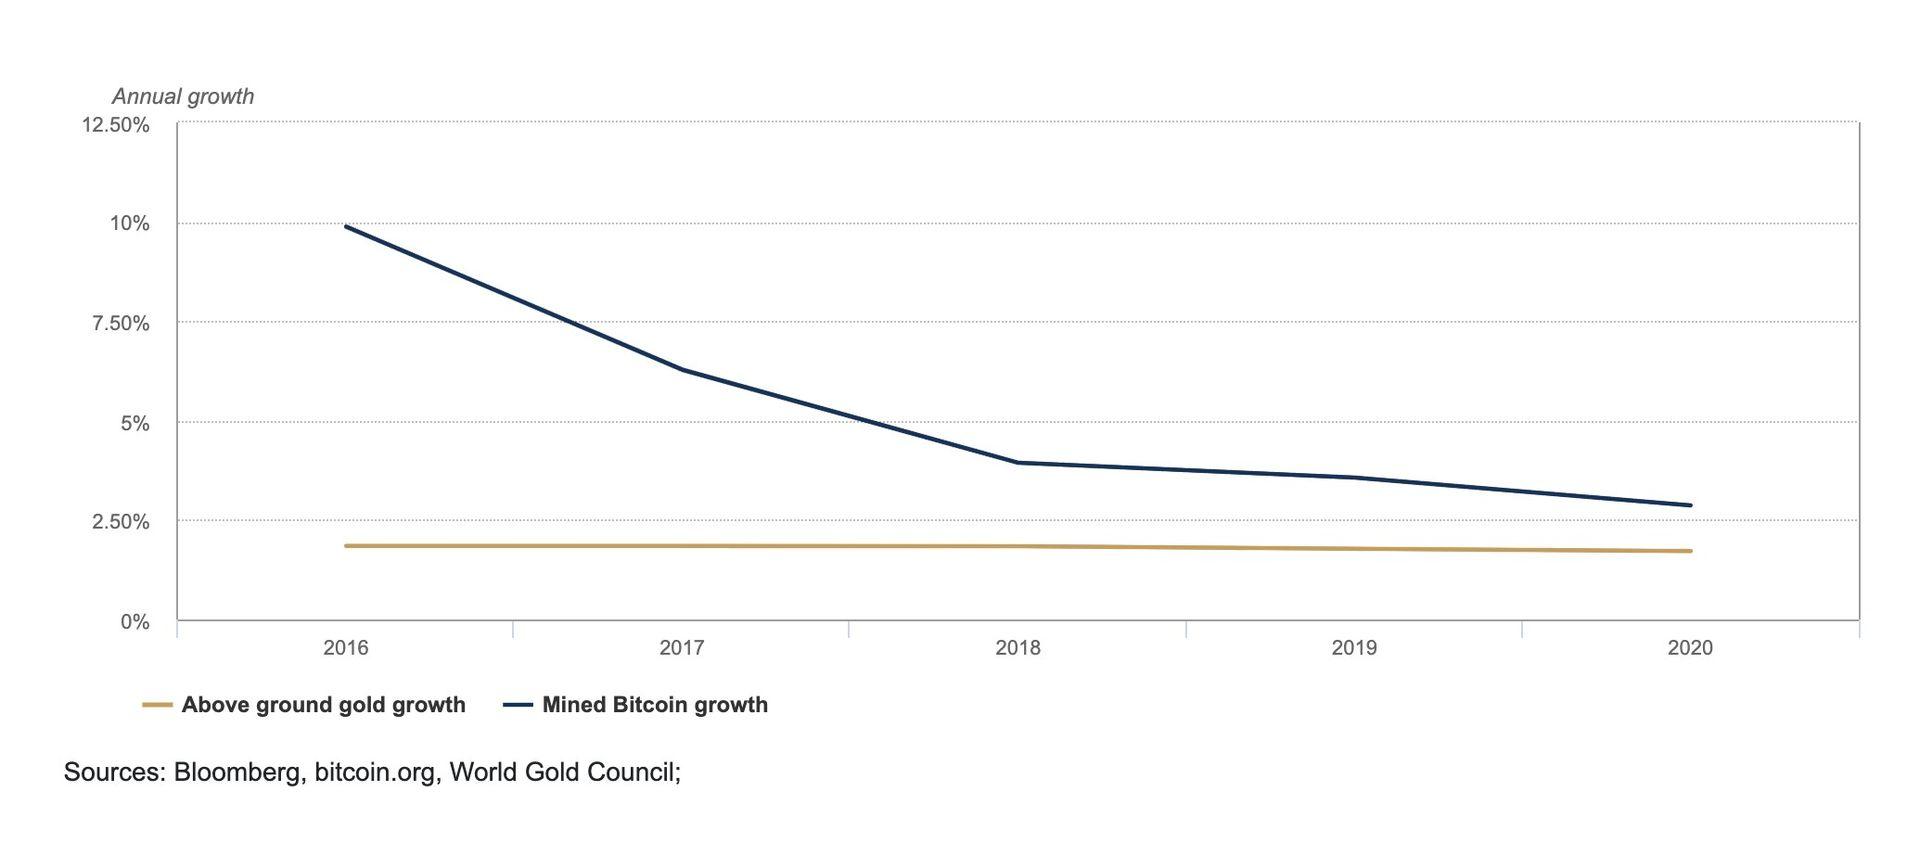 Graphique de la croissance annuelle de l'or extrait et du bitcoin déjà miné, montrant que les deux actifs ont une faible croissance avec une offre limitée, ce qui a un impact positif sur leur prix.